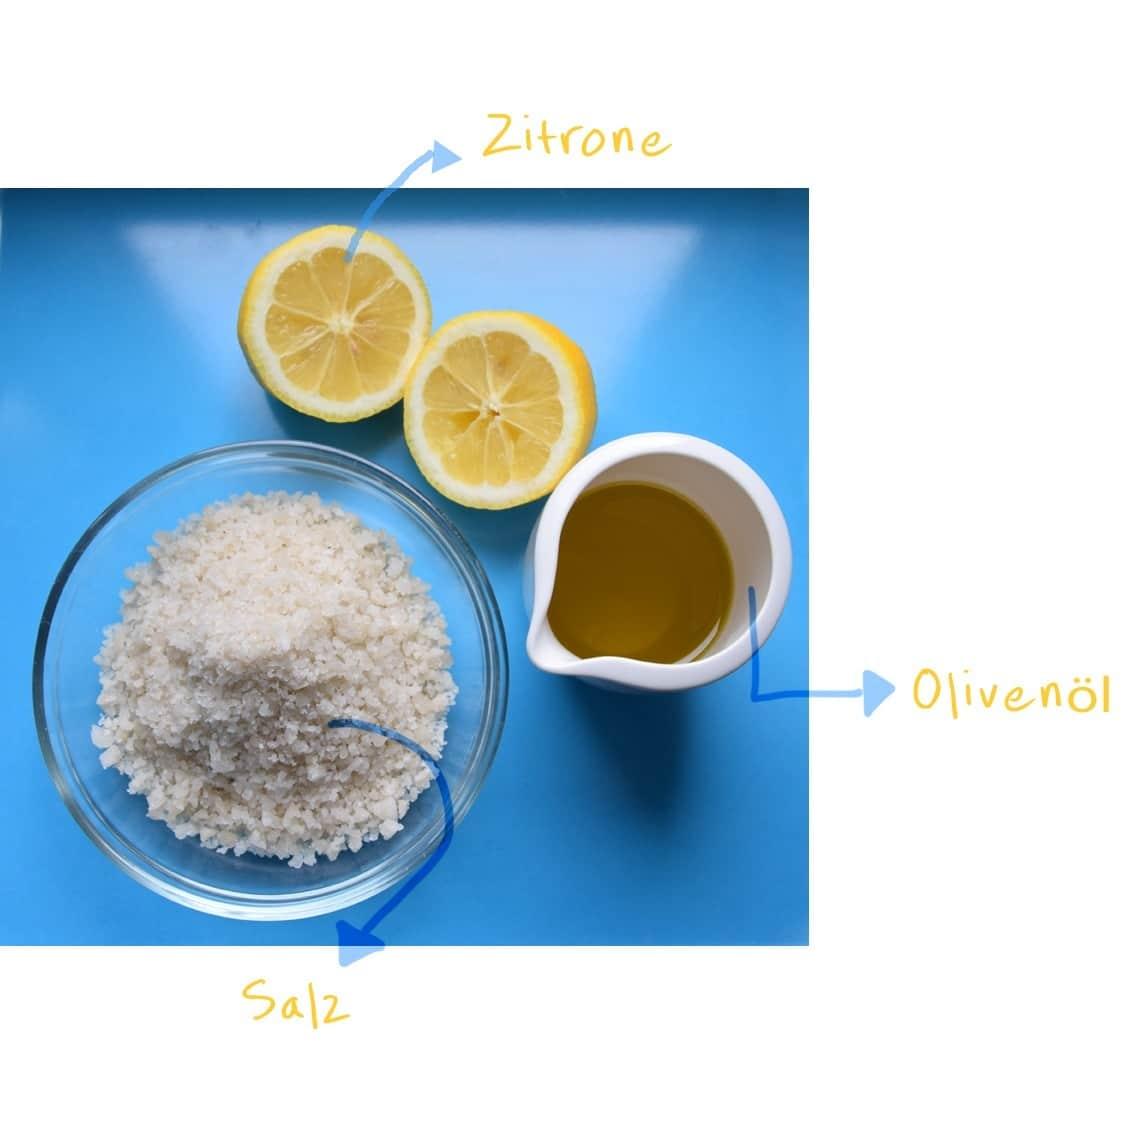 Zitronen-Meersalz-Peeling - HANDMADE Kultur